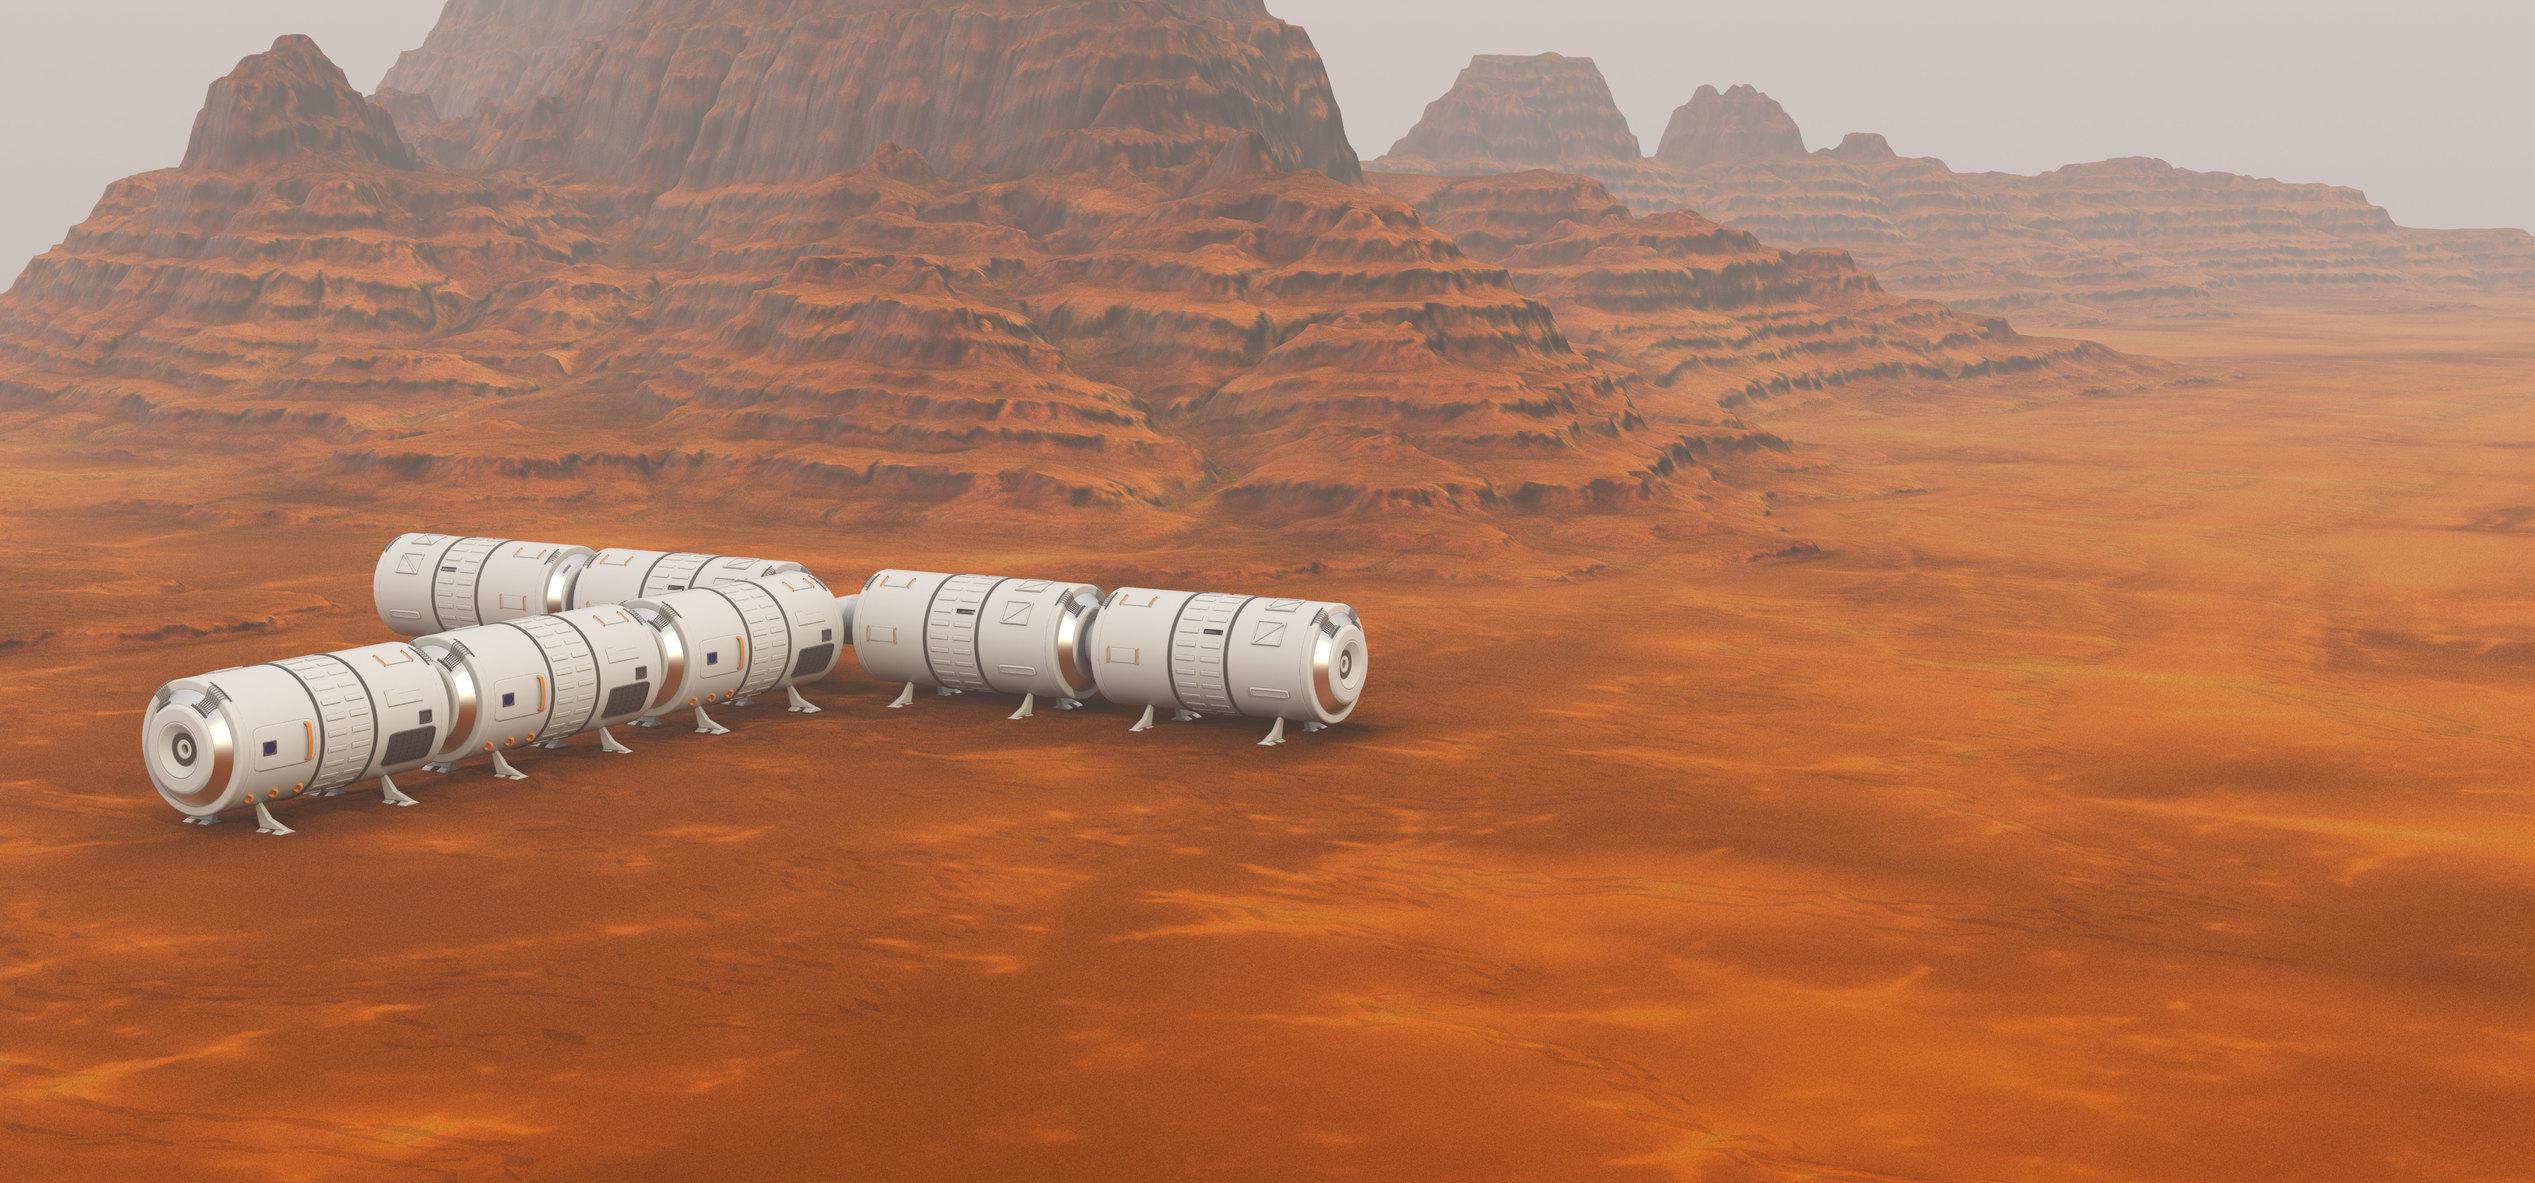 Mars exploration missionКредит: